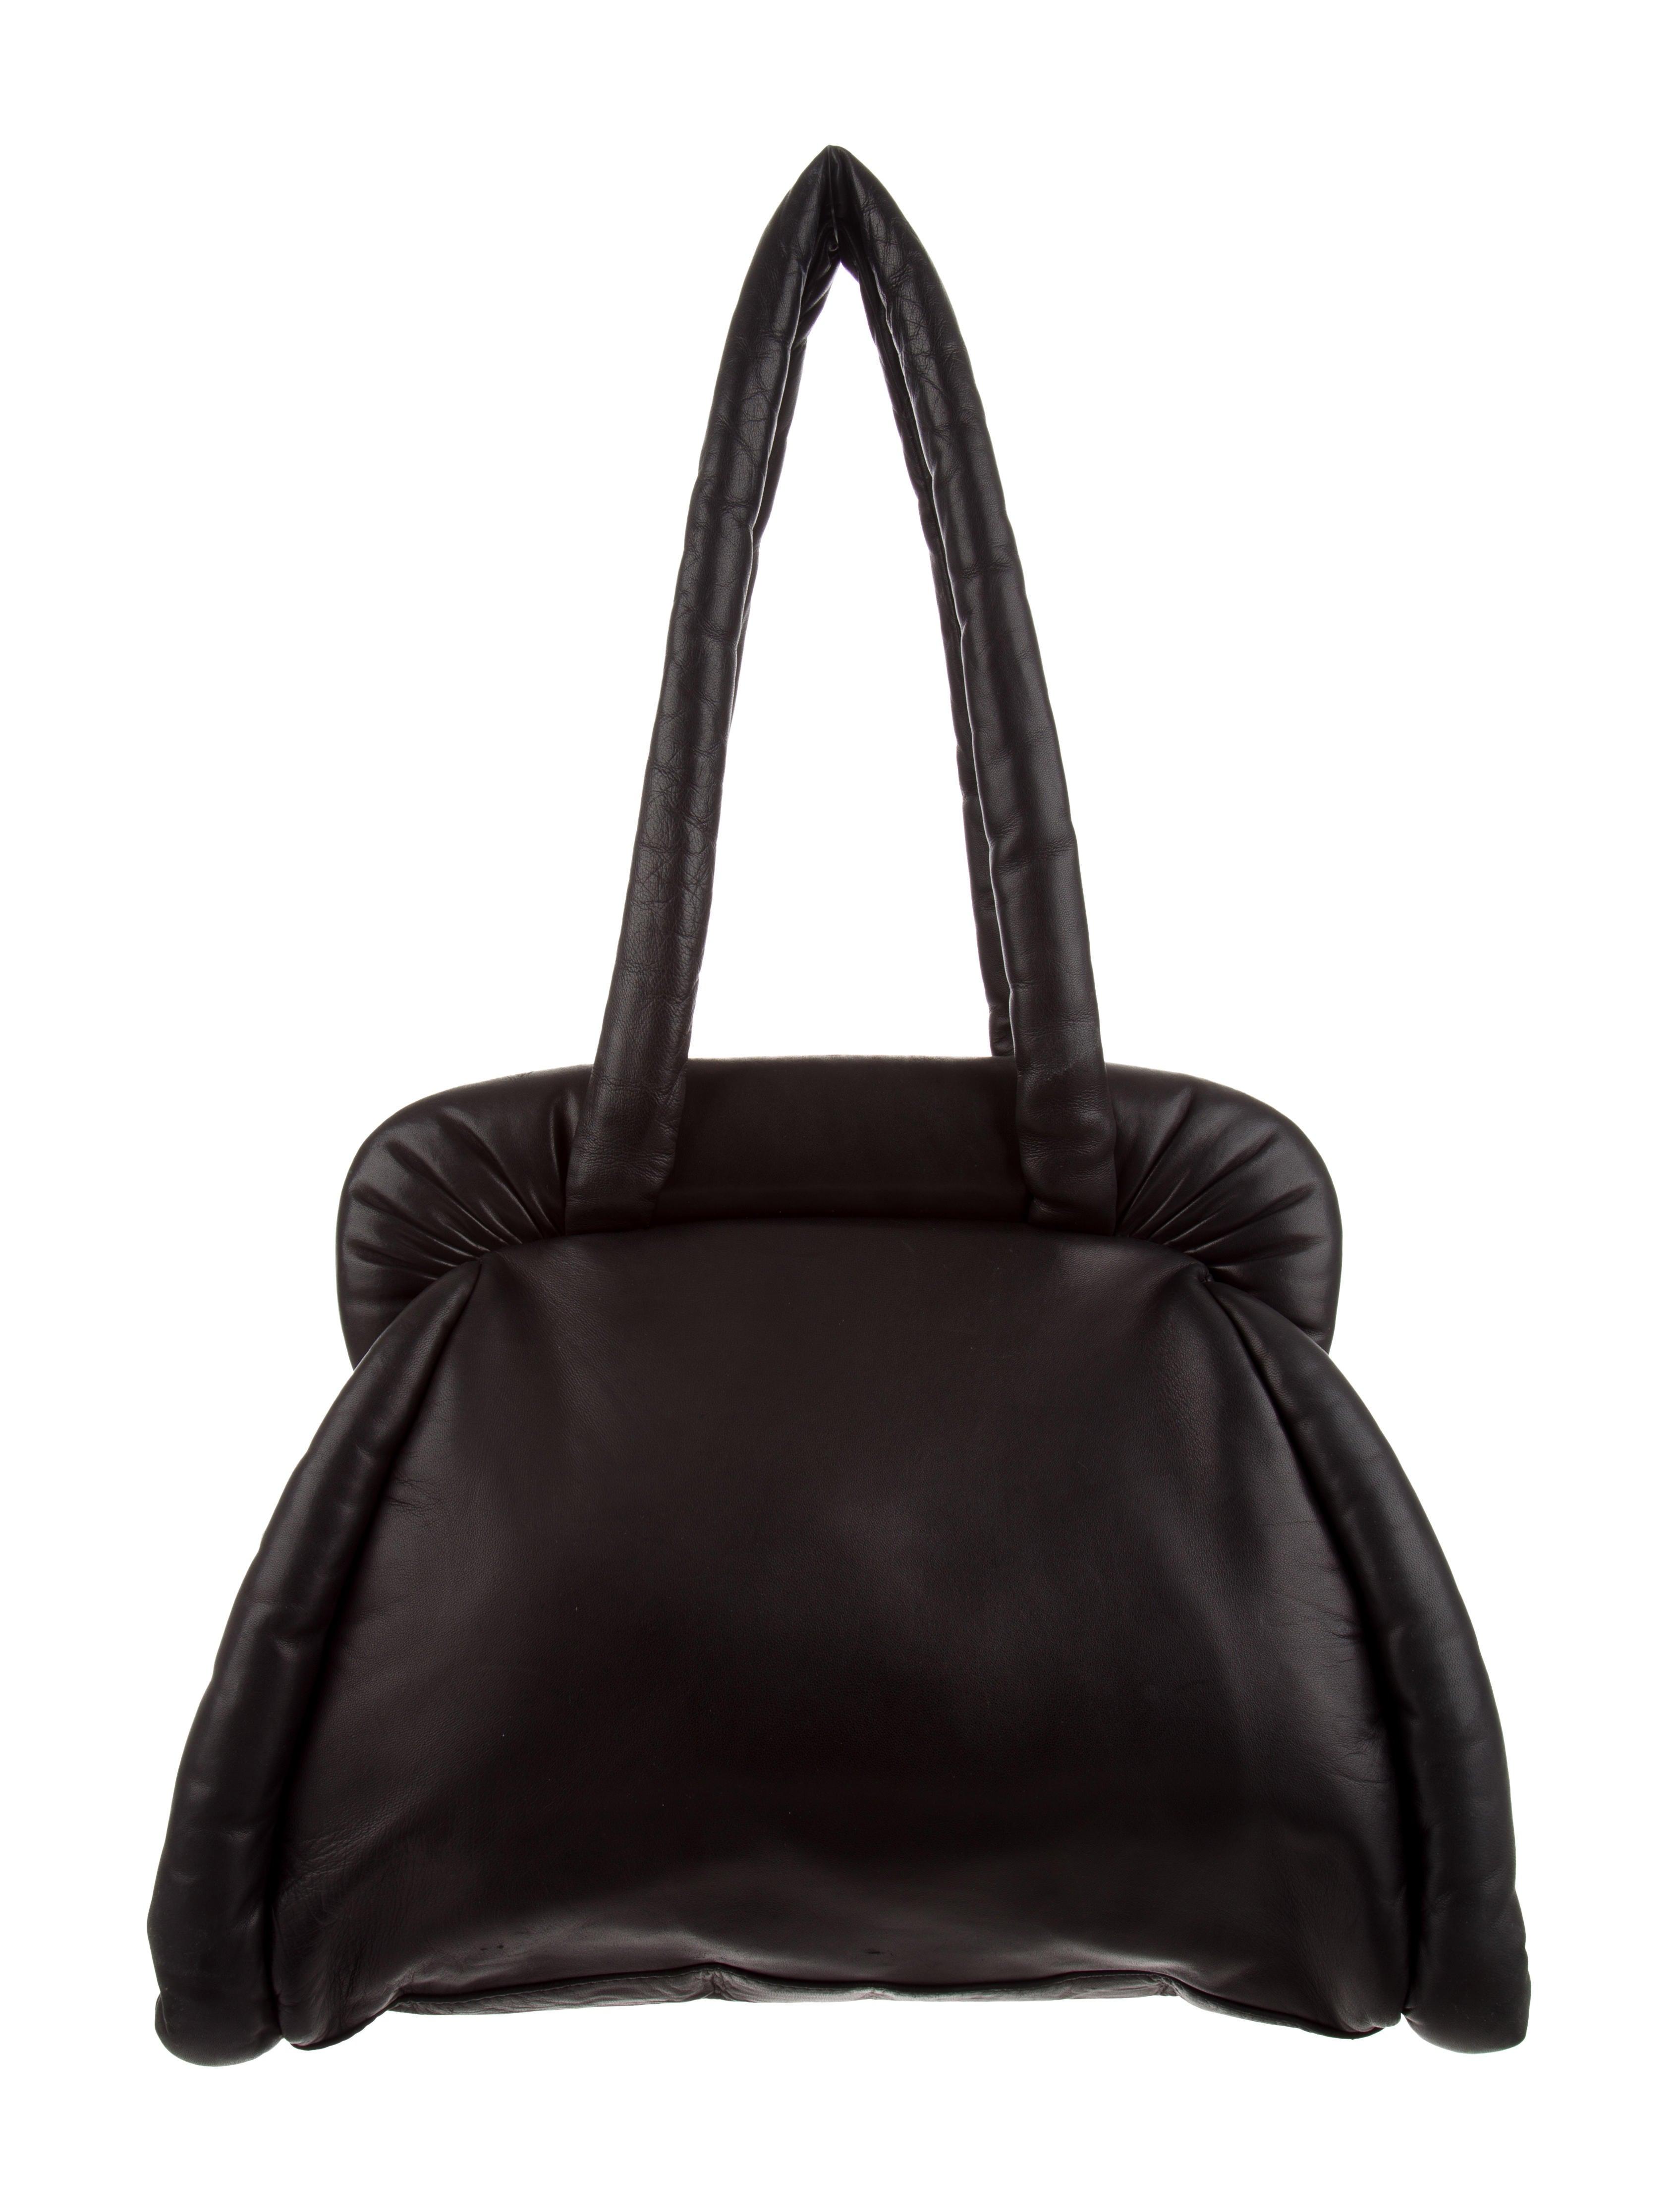 0e8925787ad13 Maison Margiela Leather Tote Bag - Handbags - MAI38383